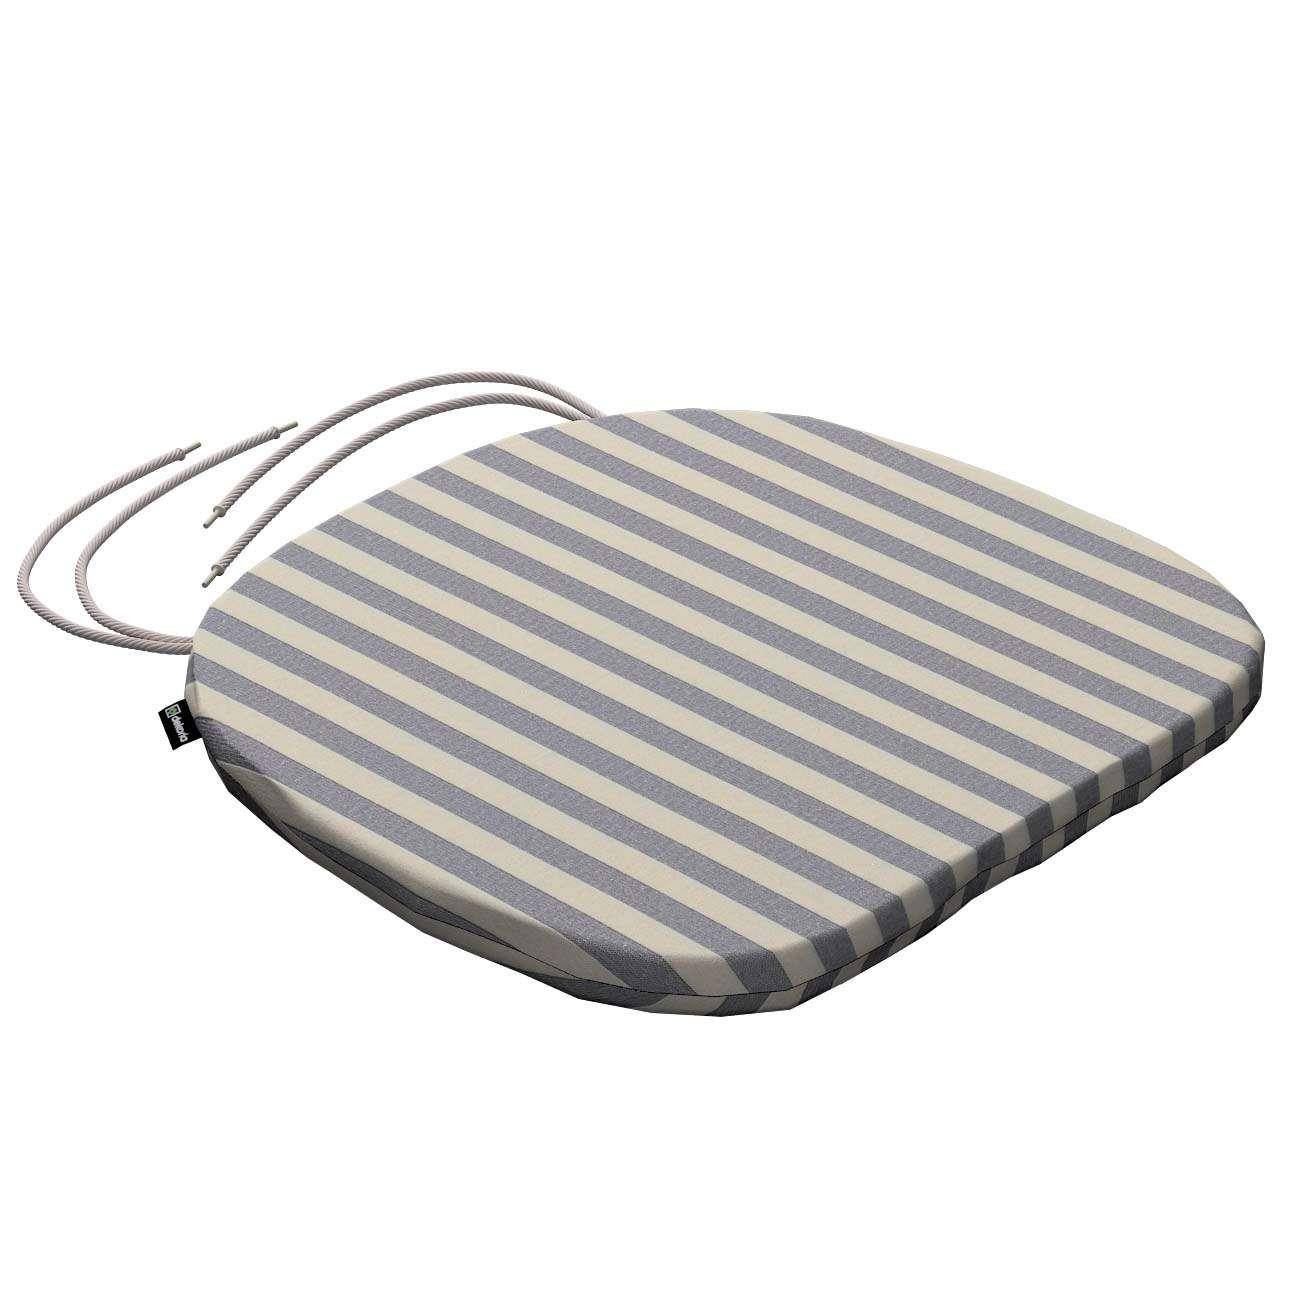 Siedzisko Bartek na krzesło 40x37x2,5cm w kolekcji Quadro, tkanina: 136-02